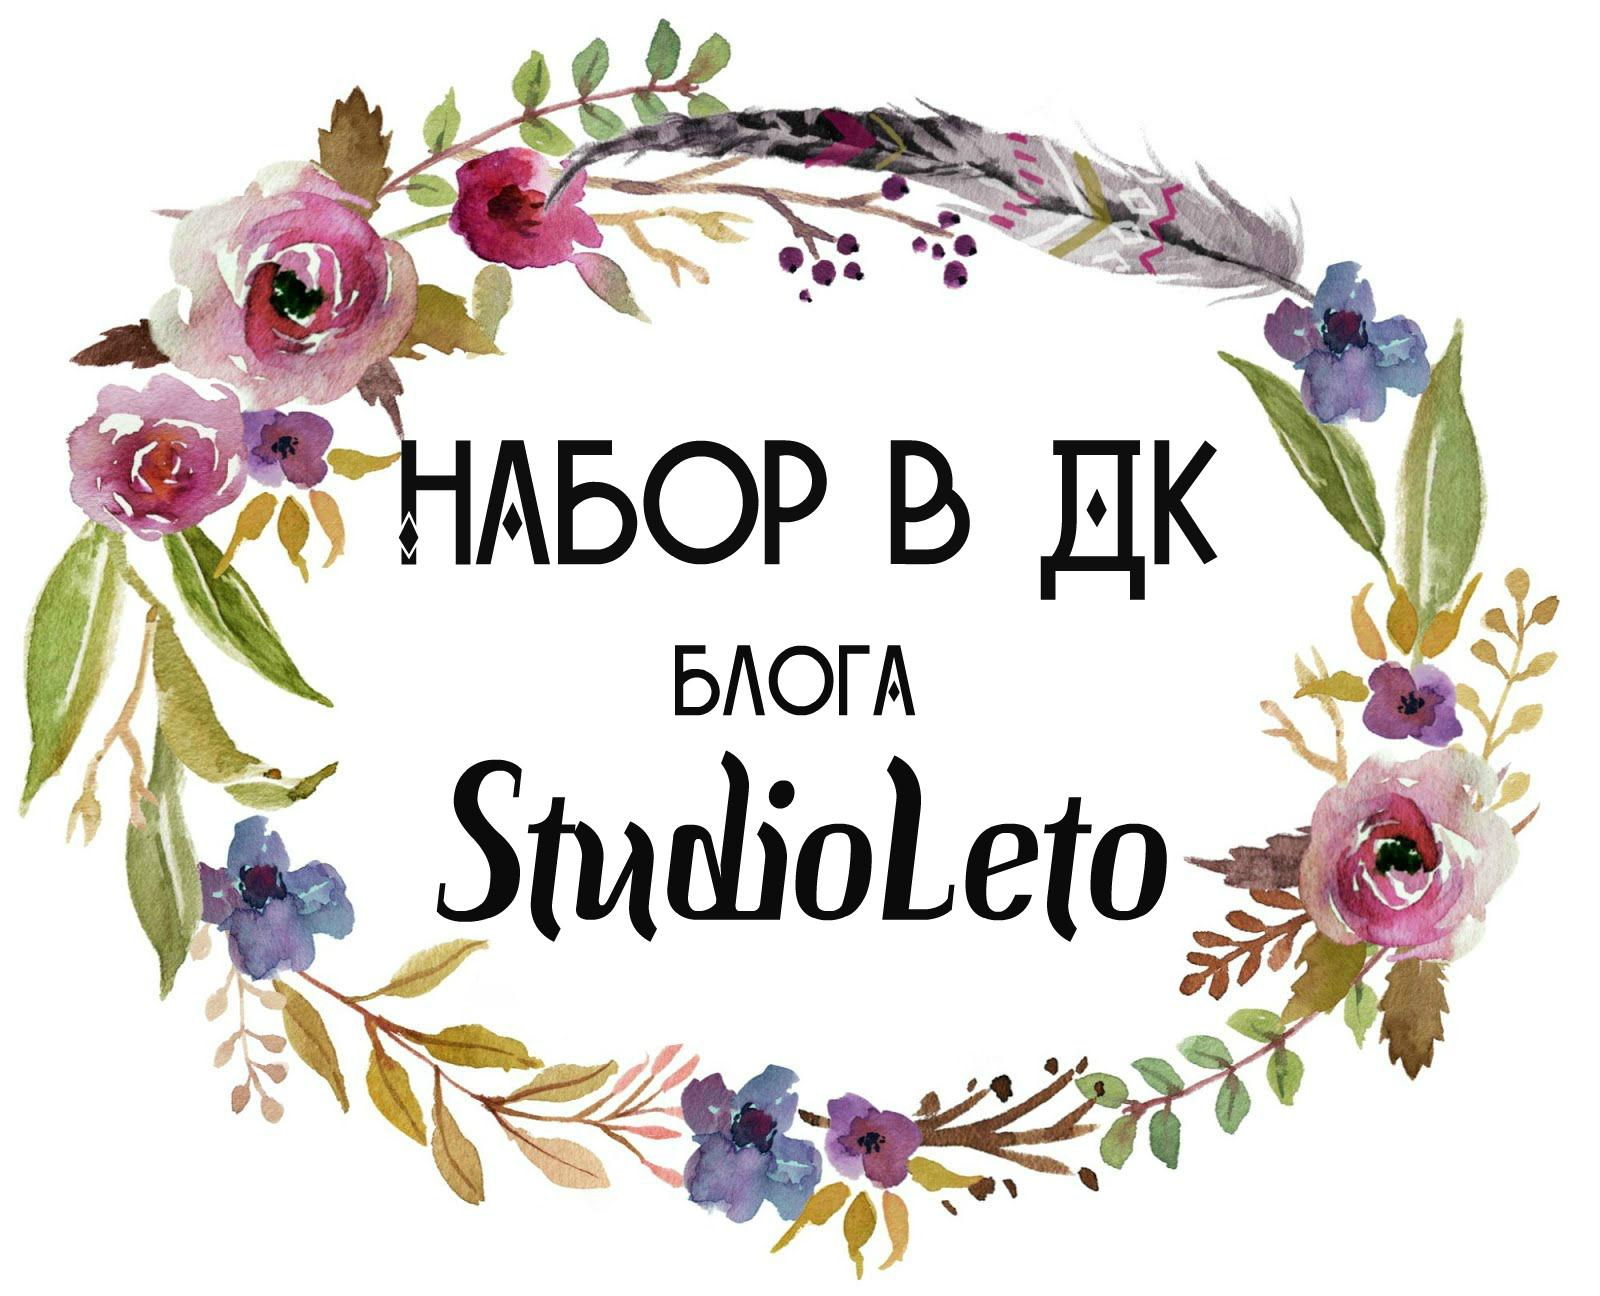 """Набор в ДК """"StudioLeto"""""""